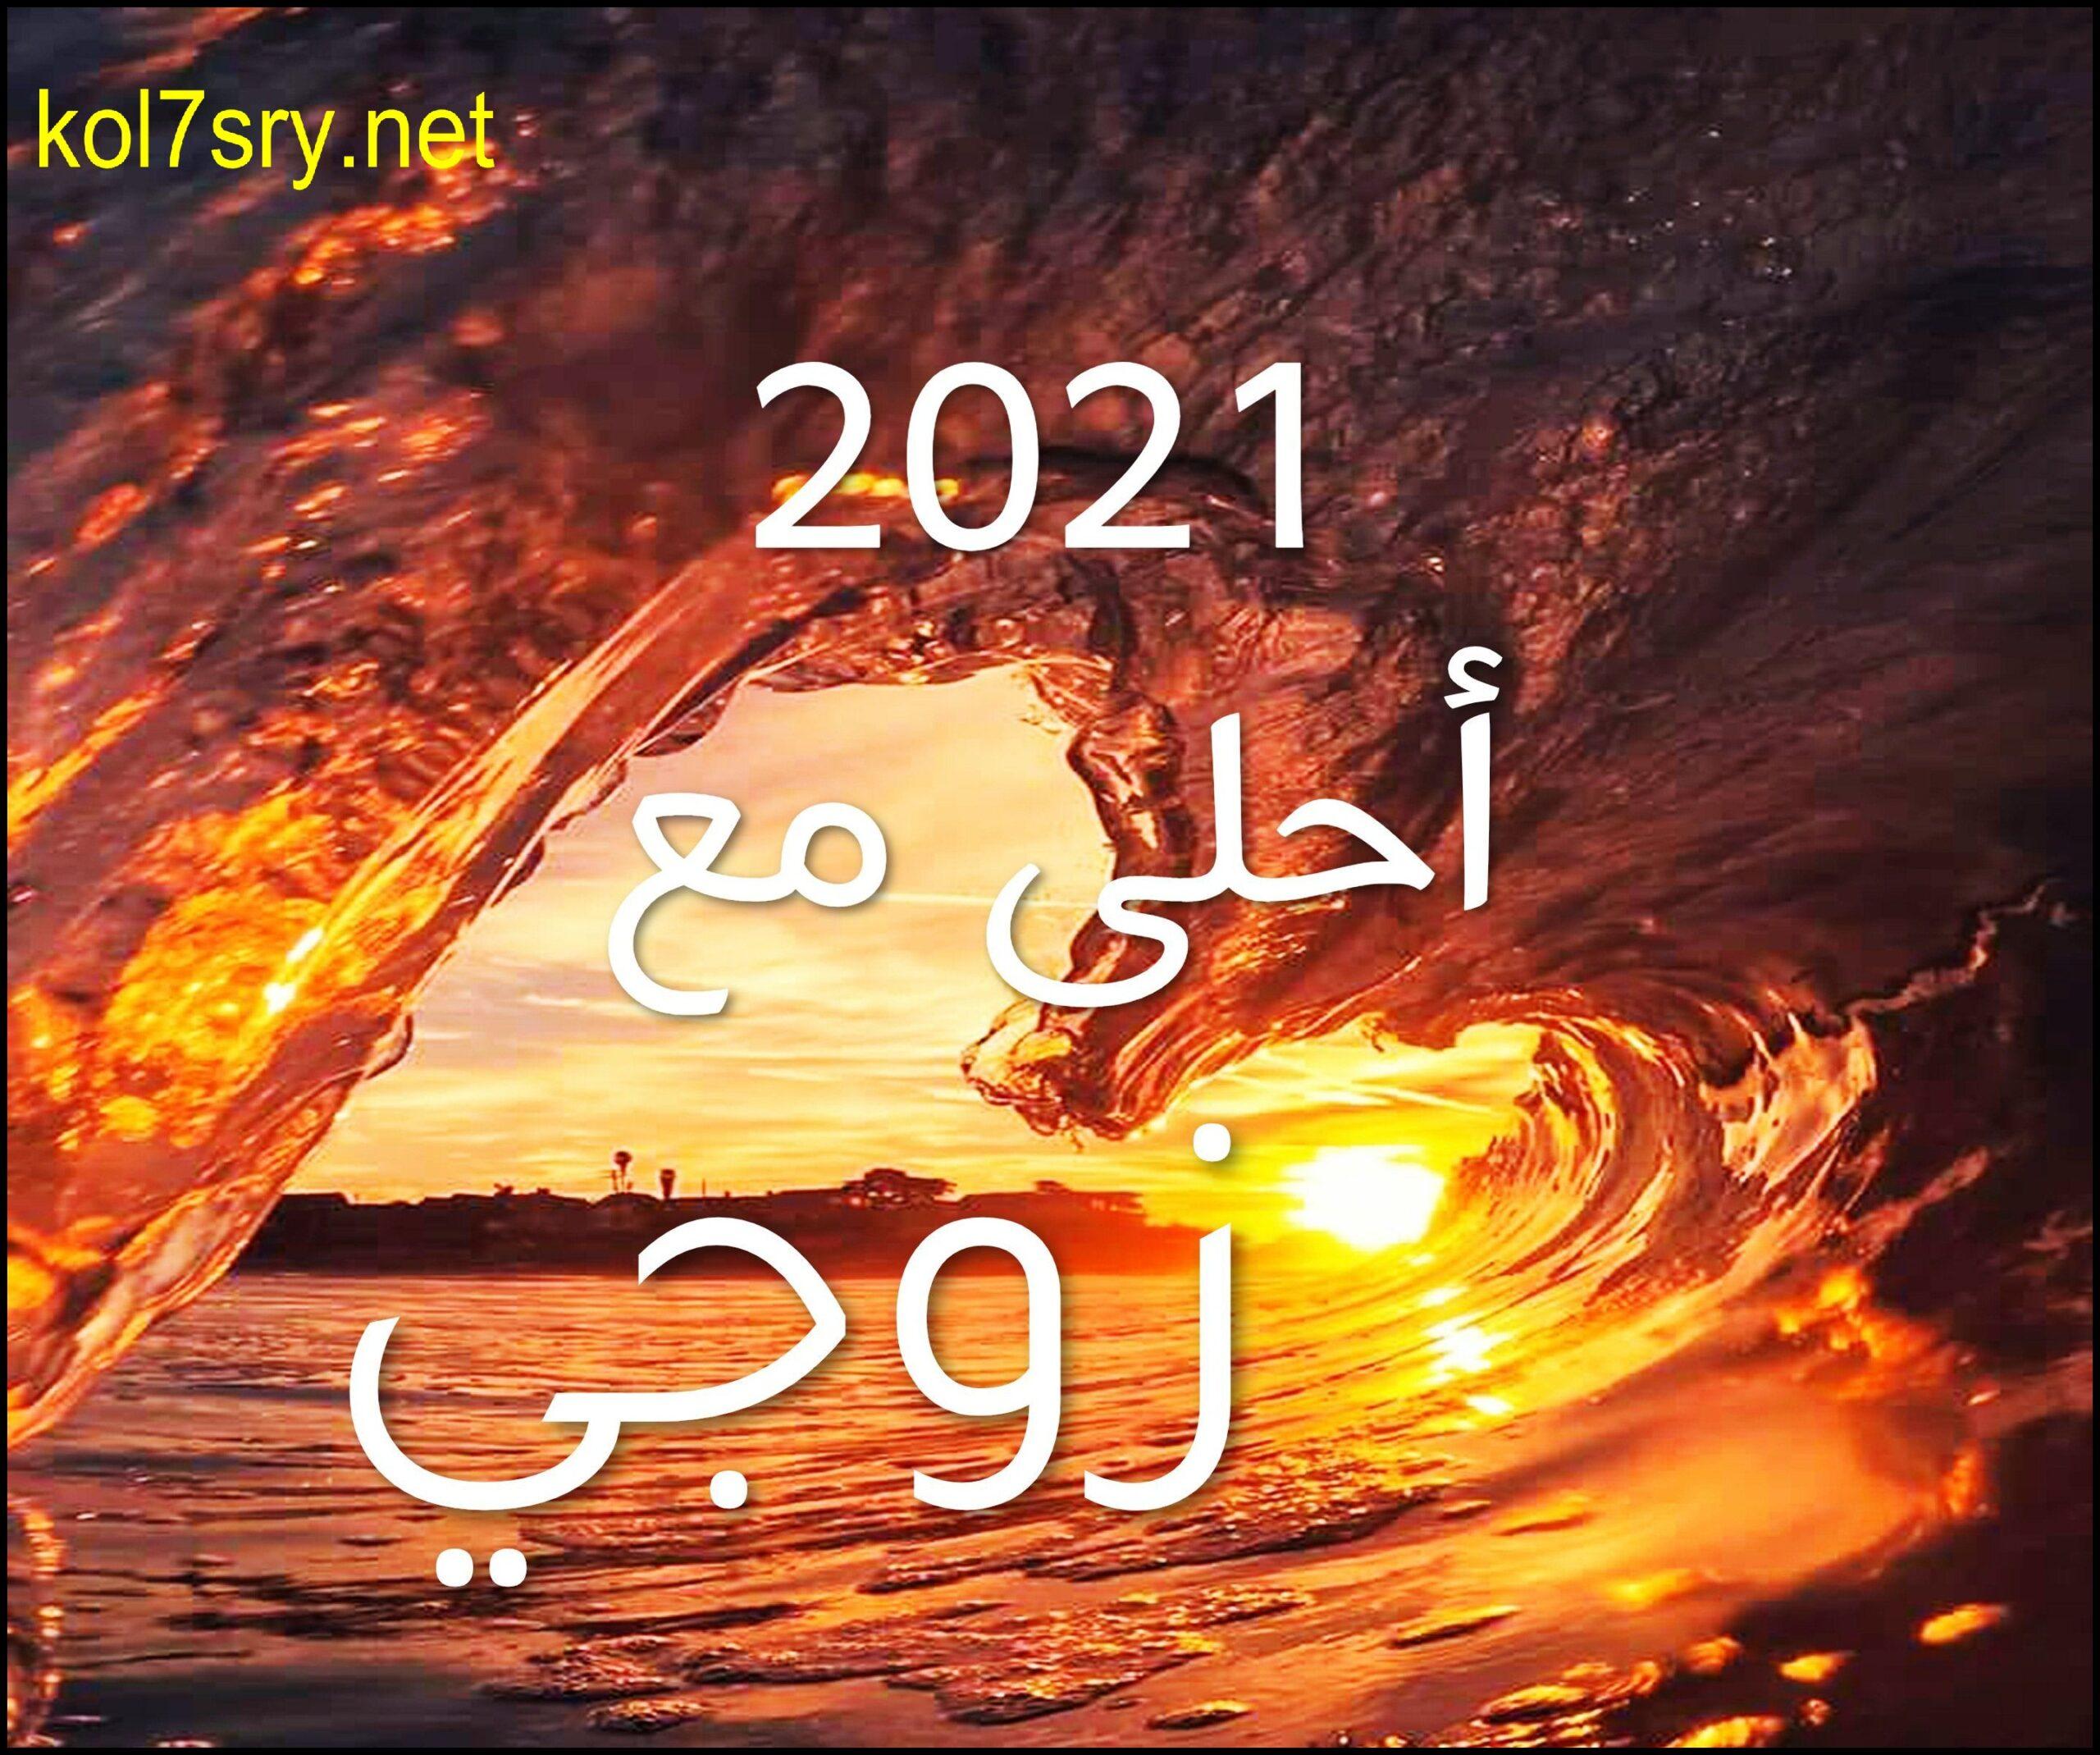 2021 أحلى مع اسمك أجمل 40 صورة HD لعام 2021 احلى مع مجانا اطلب التصميم بالتعليقات 2